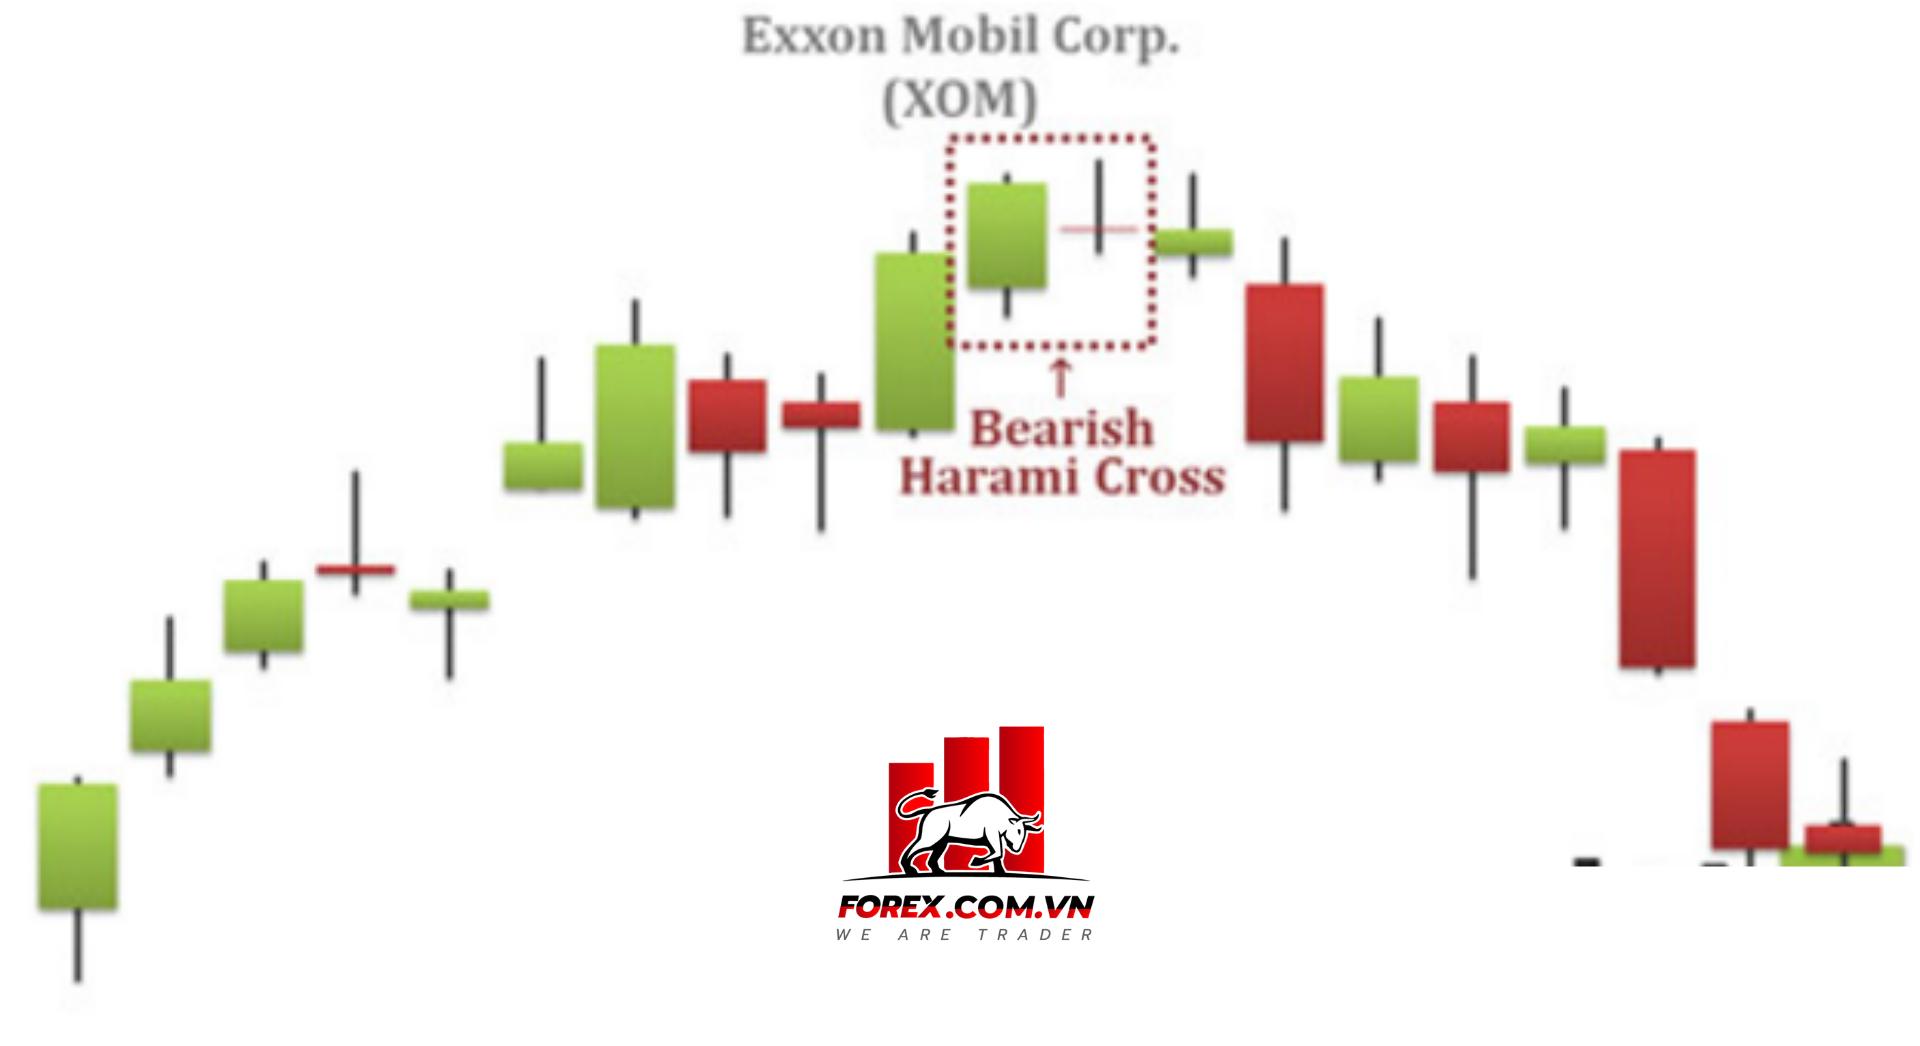 Trường hợp mô hình nến Bearish Harami tạo vùng tích lũy trong xu hướng tăng giá và kháng cự